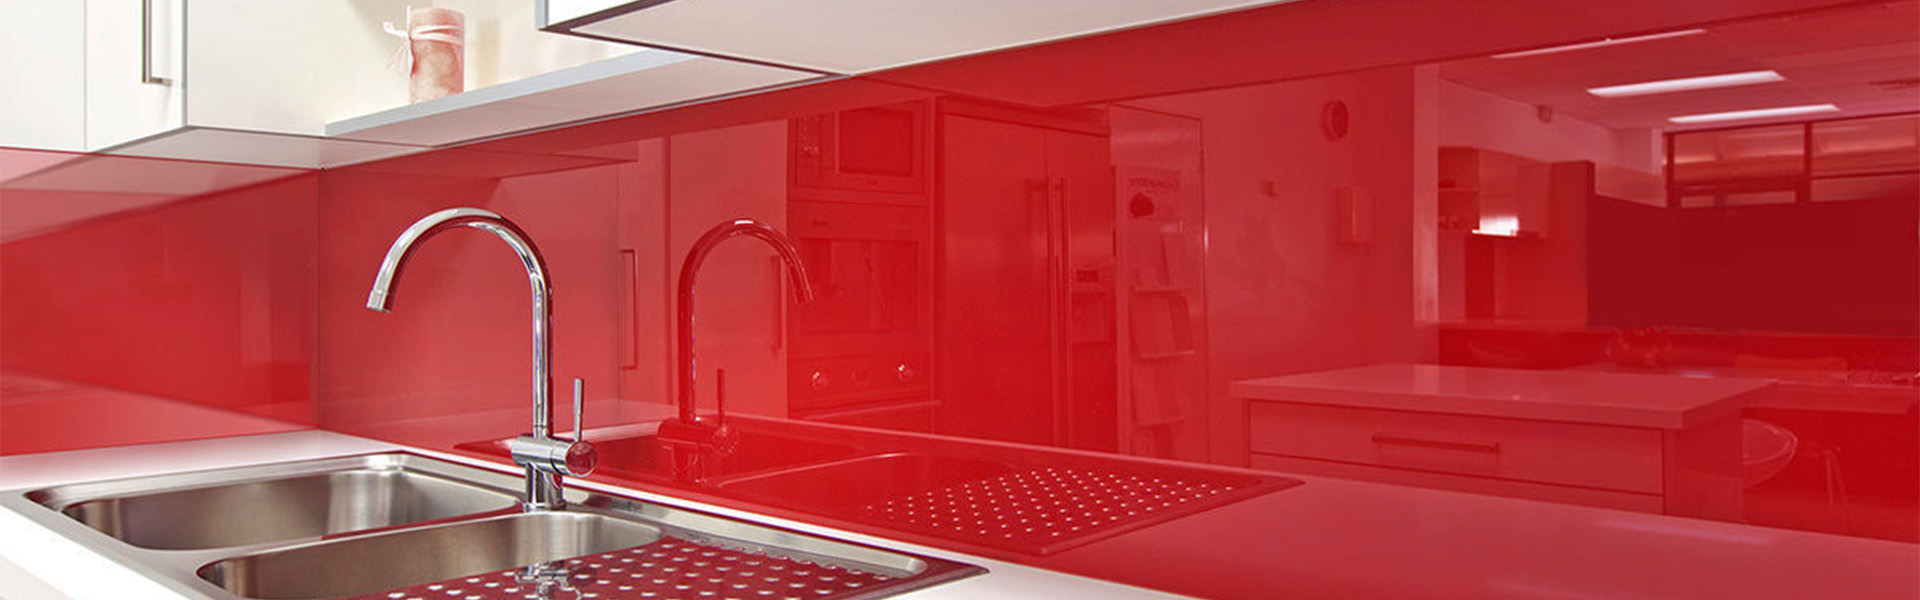 Стеклянный фартук для кухни: фото в интерьере, дизайн, особенности выбора